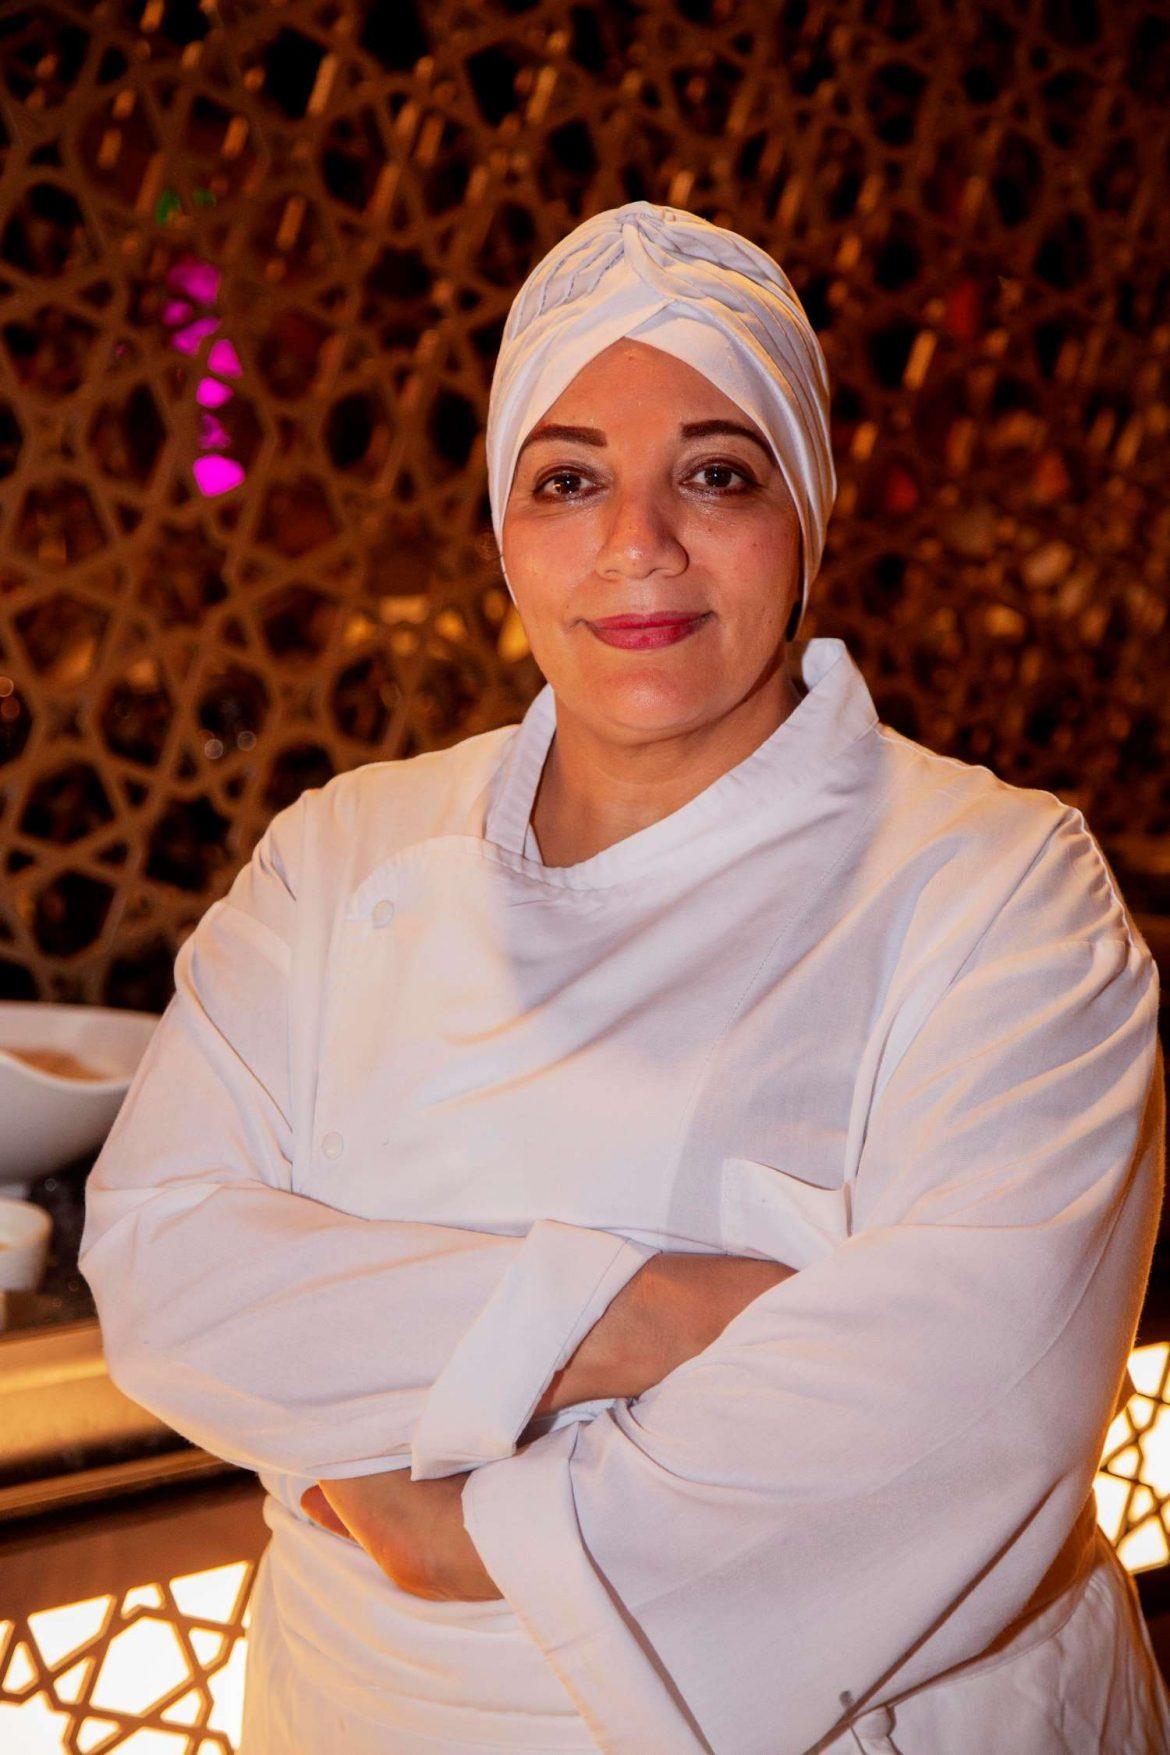 خيمة التسامح تقدم ألذ الأطباق المغربية للشيف سميرة مغفور